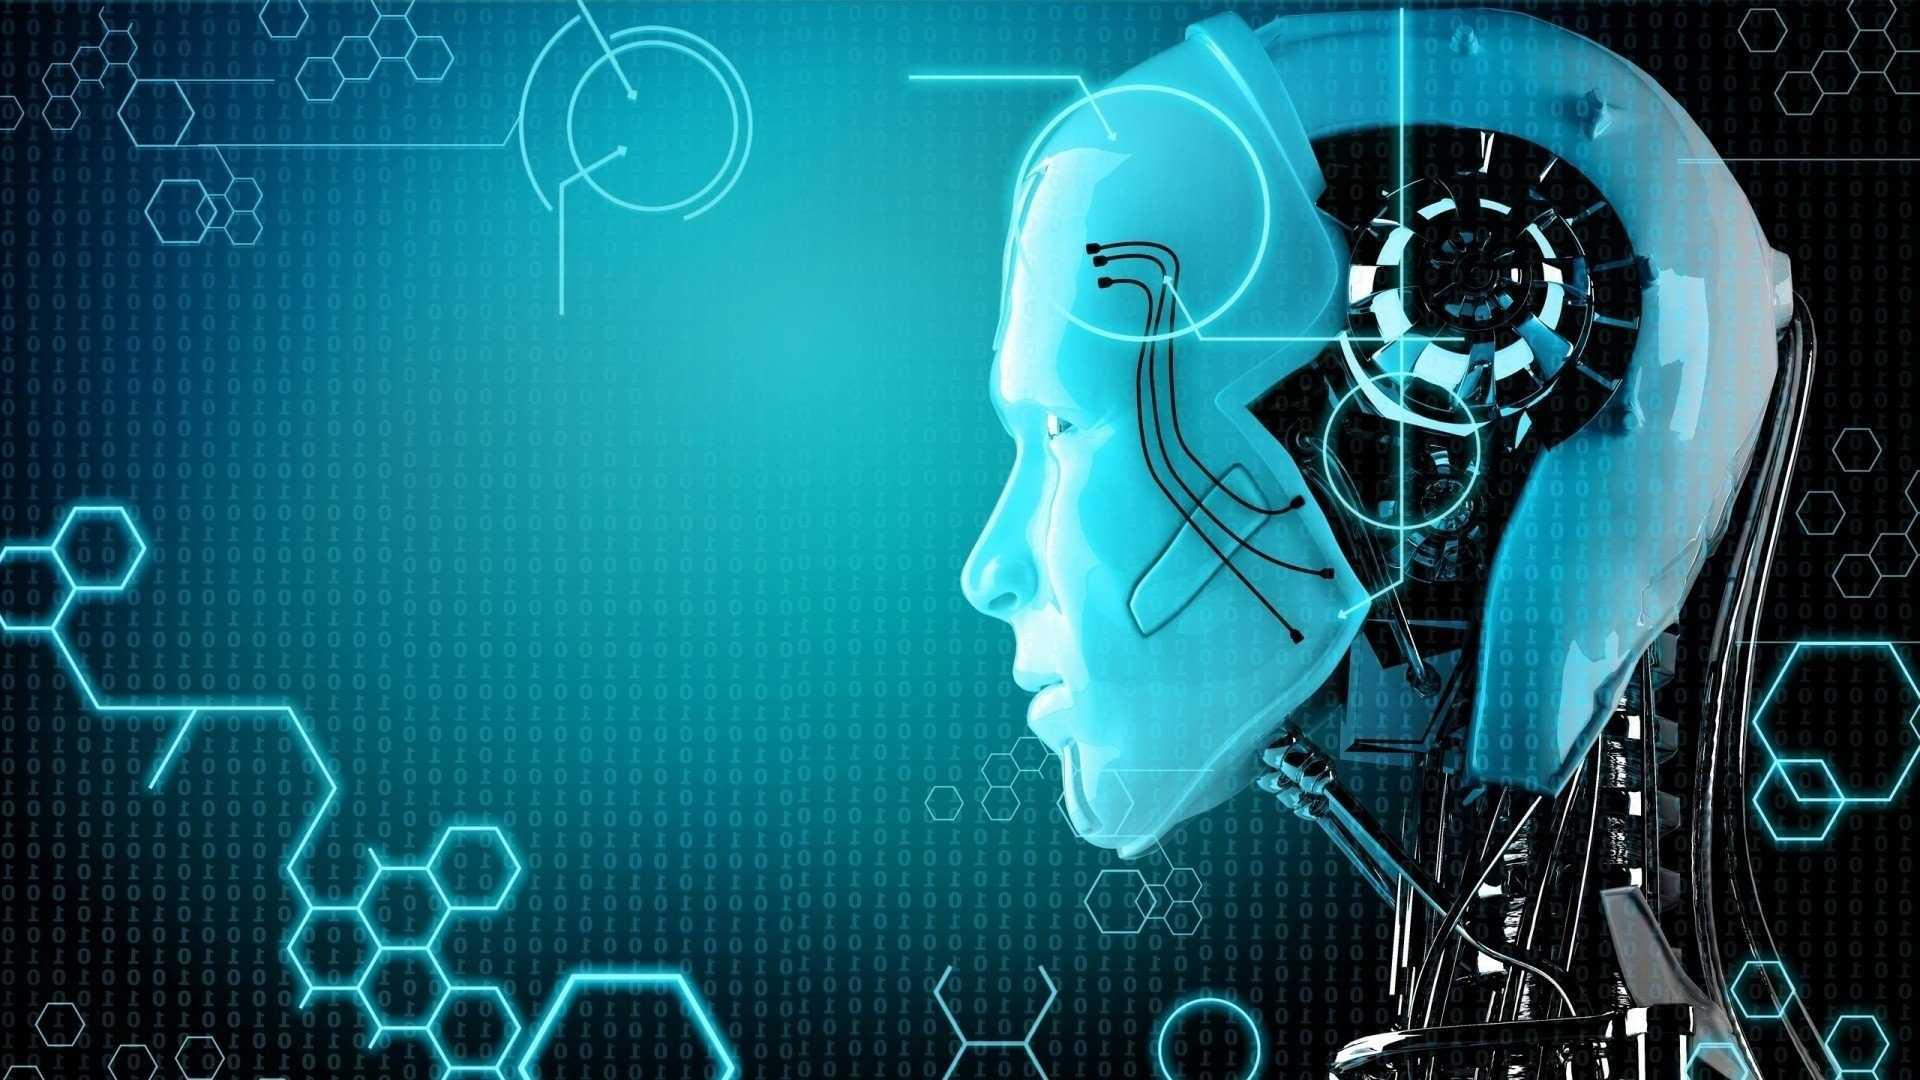 Исследование: стоит ли опасаться искусственного интеллекта